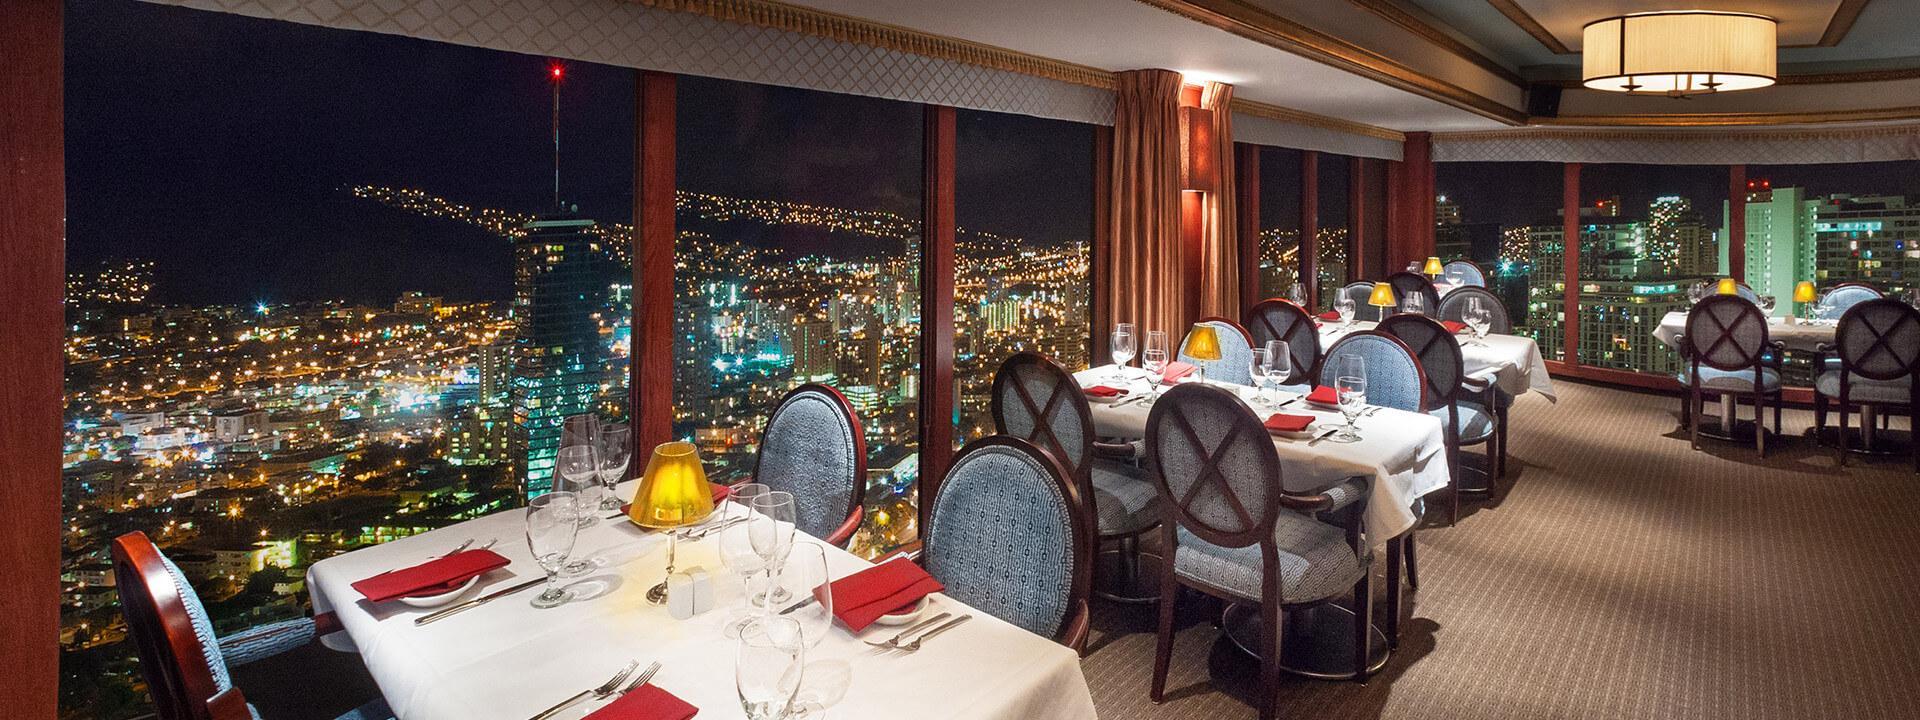 Signature Prime Steak Seafood Ala Moana Hotel